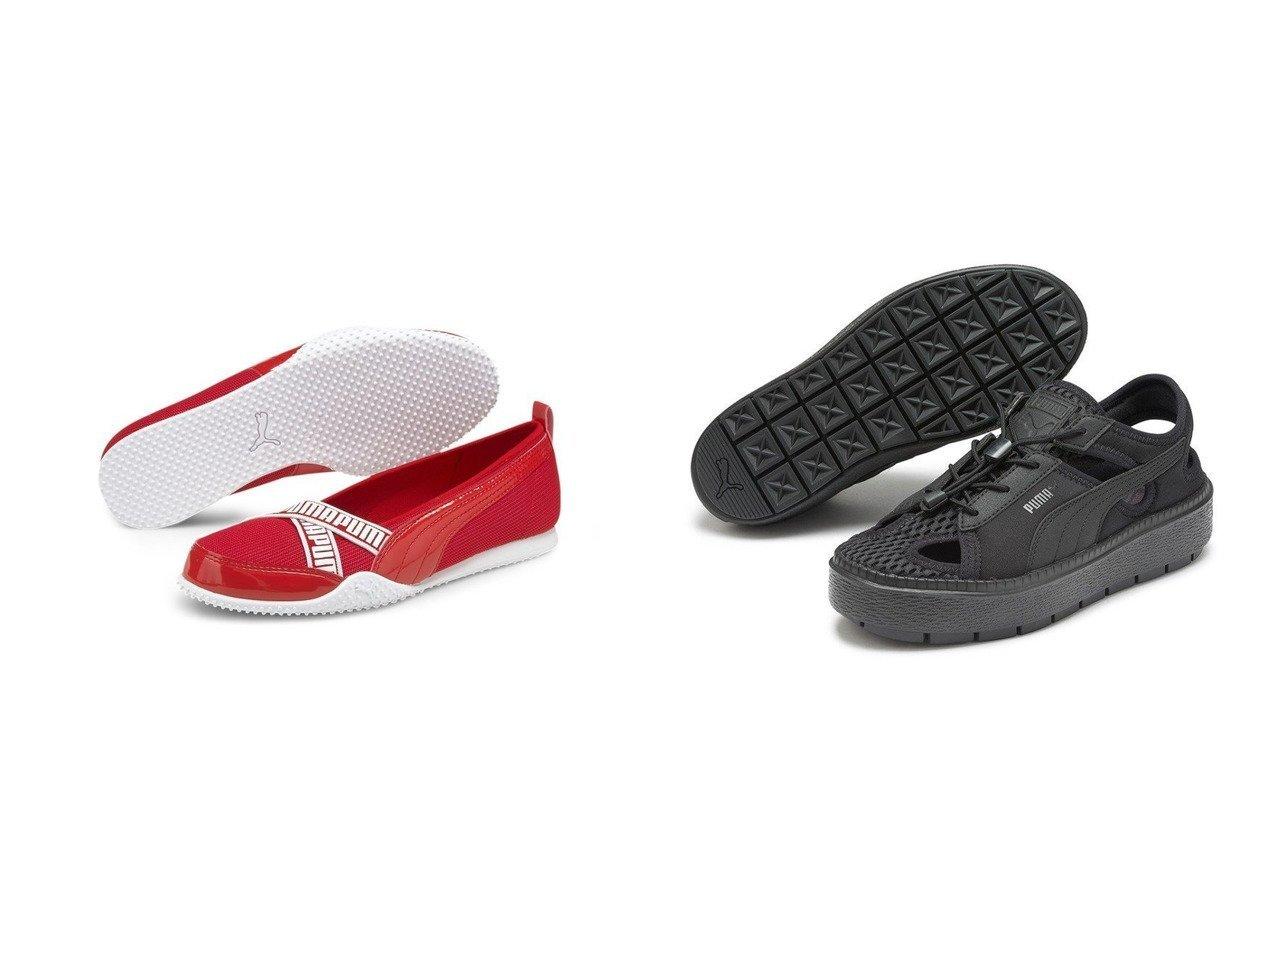 【emmi/エミ】の【PUMA】Platform Trace Lite mules&【PUMA/プーマ】のプーマ ベラ バレリーナ P ウィメンズ スニーカー 【シューズ・靴】おすすめ!人気、トレンド・レディースファッションの通販  おすすめで人気の流行・トレンド、ファッションの通販商品 インテリア・家具・メンズファッション・キッズファッション・レディースファッション・服の通販 founy(ファニー) https://founy.com/ ファッション Fashion レディースファッション WOMEN 2021年 2021 2021春夏・S/S SS/Spring/Summer/2021 S/S・春夏 SS・Spring/Summer インソール エレガント クッション シューズ スニーカー スポーティ スリッポン スリム フィット メッシュ ラップ 夏 Summer 春 Spring サンダル フォーム ミュール ランニング レース 軽量 |ID:crp329100000062309